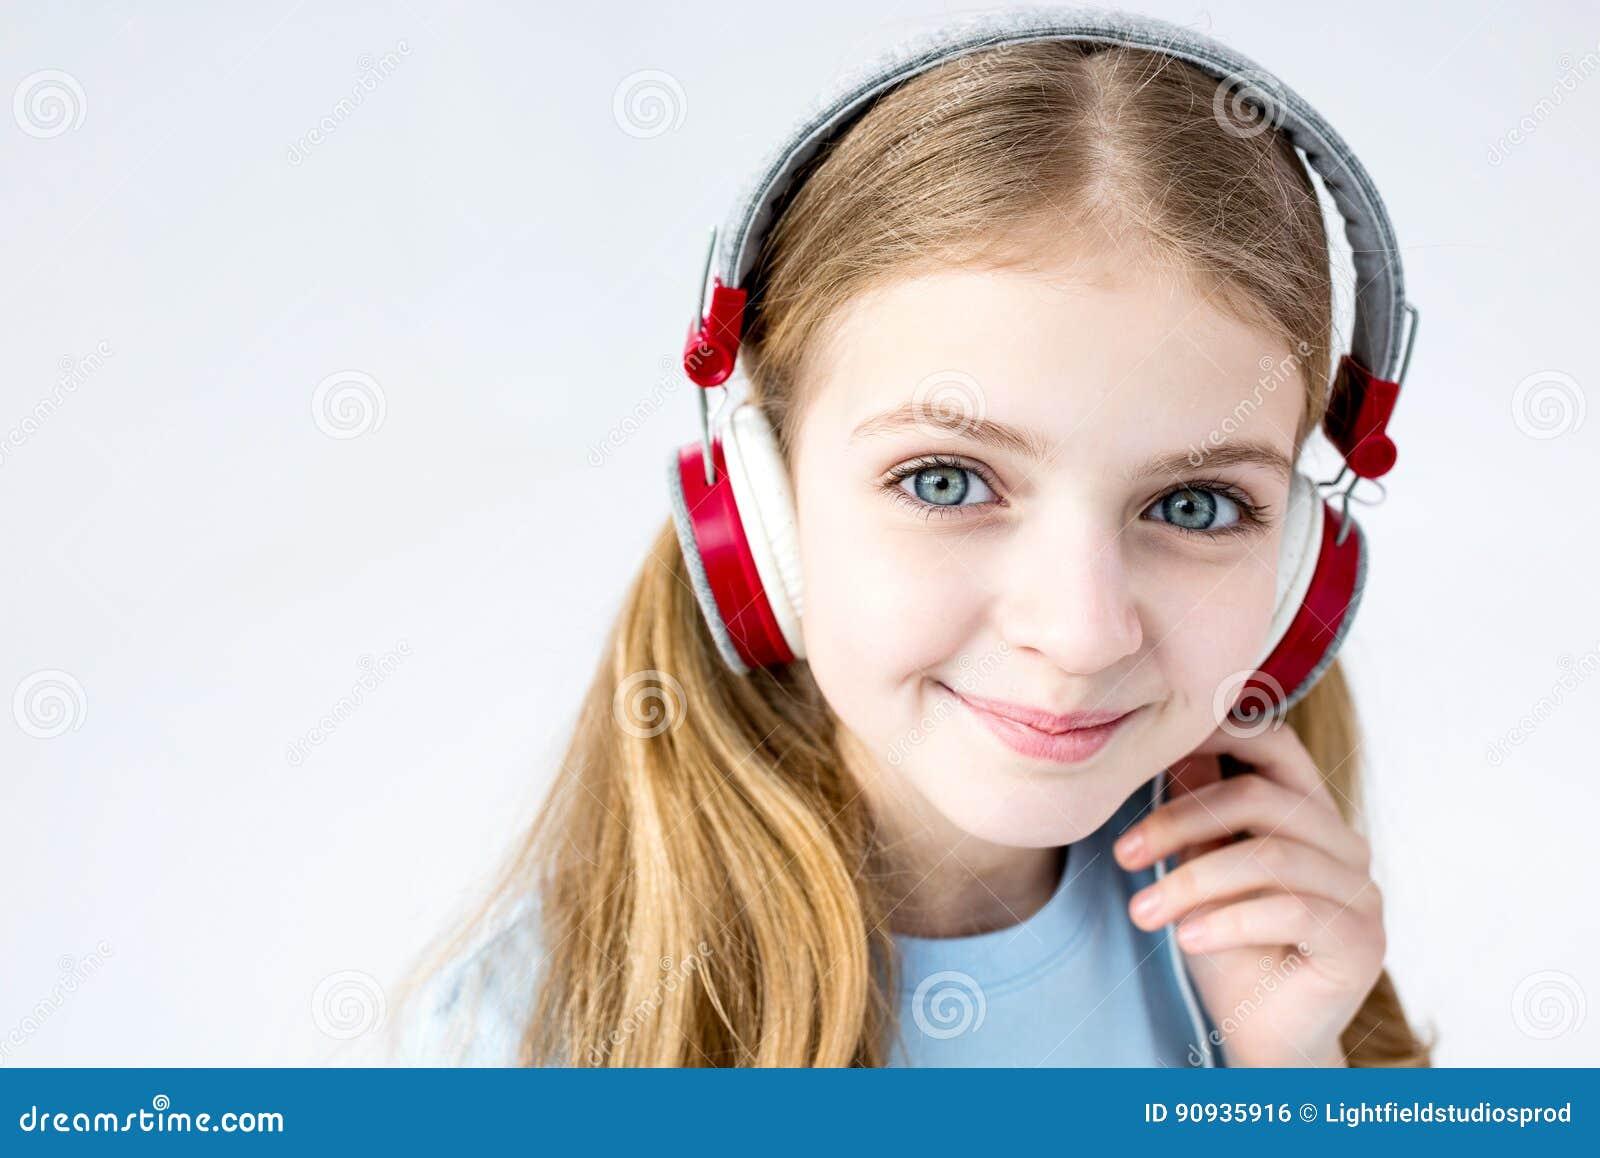 Aanbiddelijke meisje het luisteren muziek met hoofdtelefoons in studio